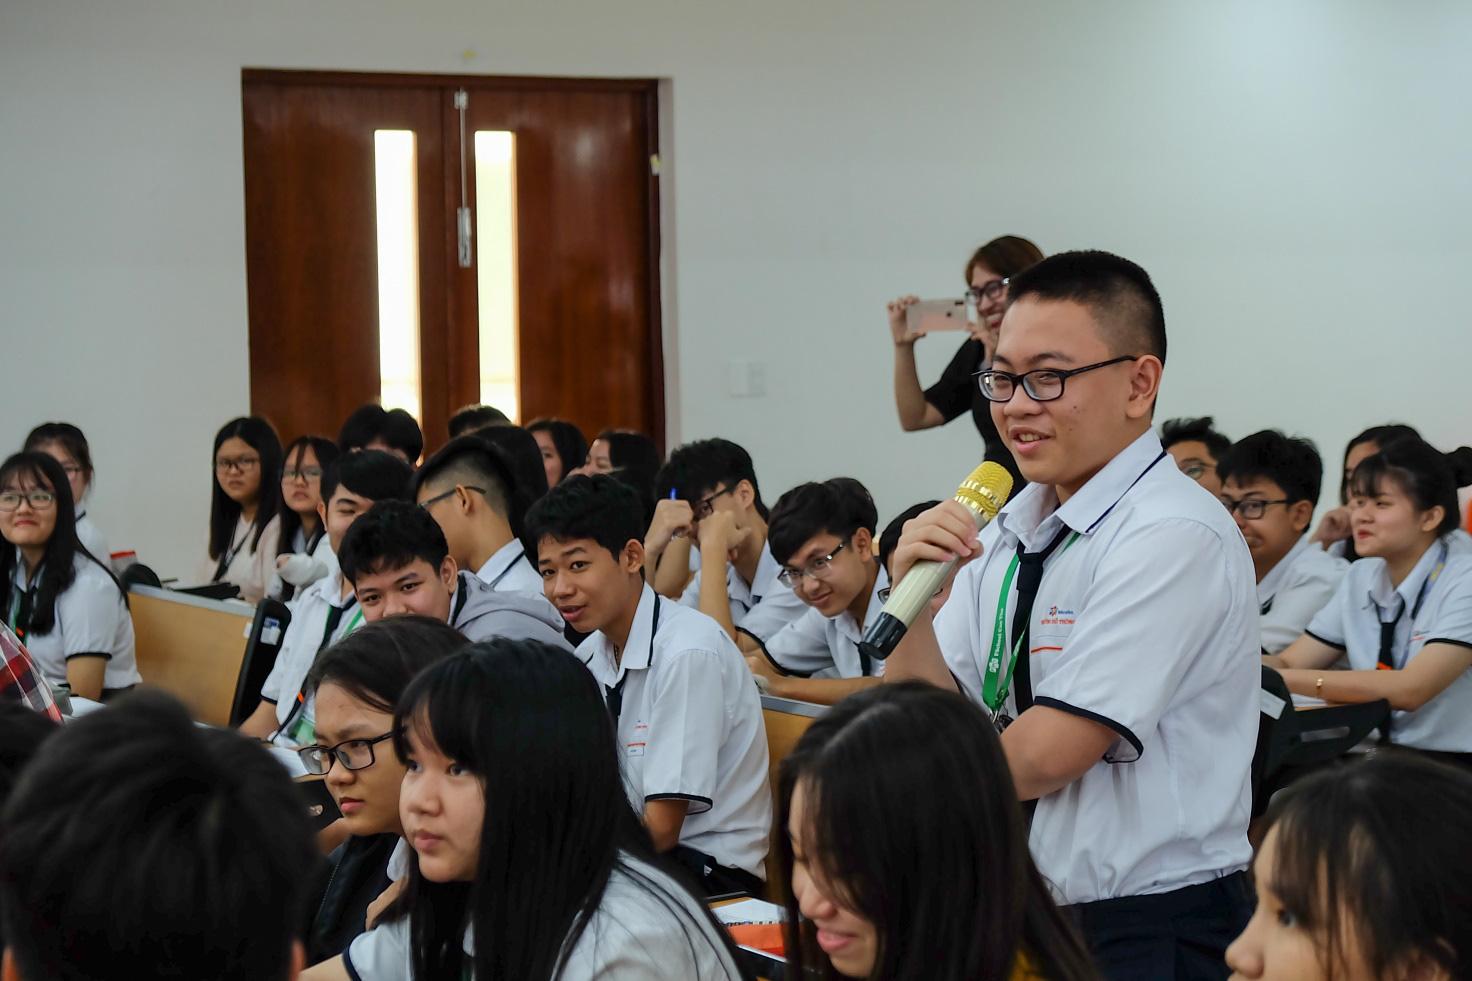 Học sinh Fschool Cần Thơ thỏa sức sáng tạo trong giờ học văn - Ảnh 6.